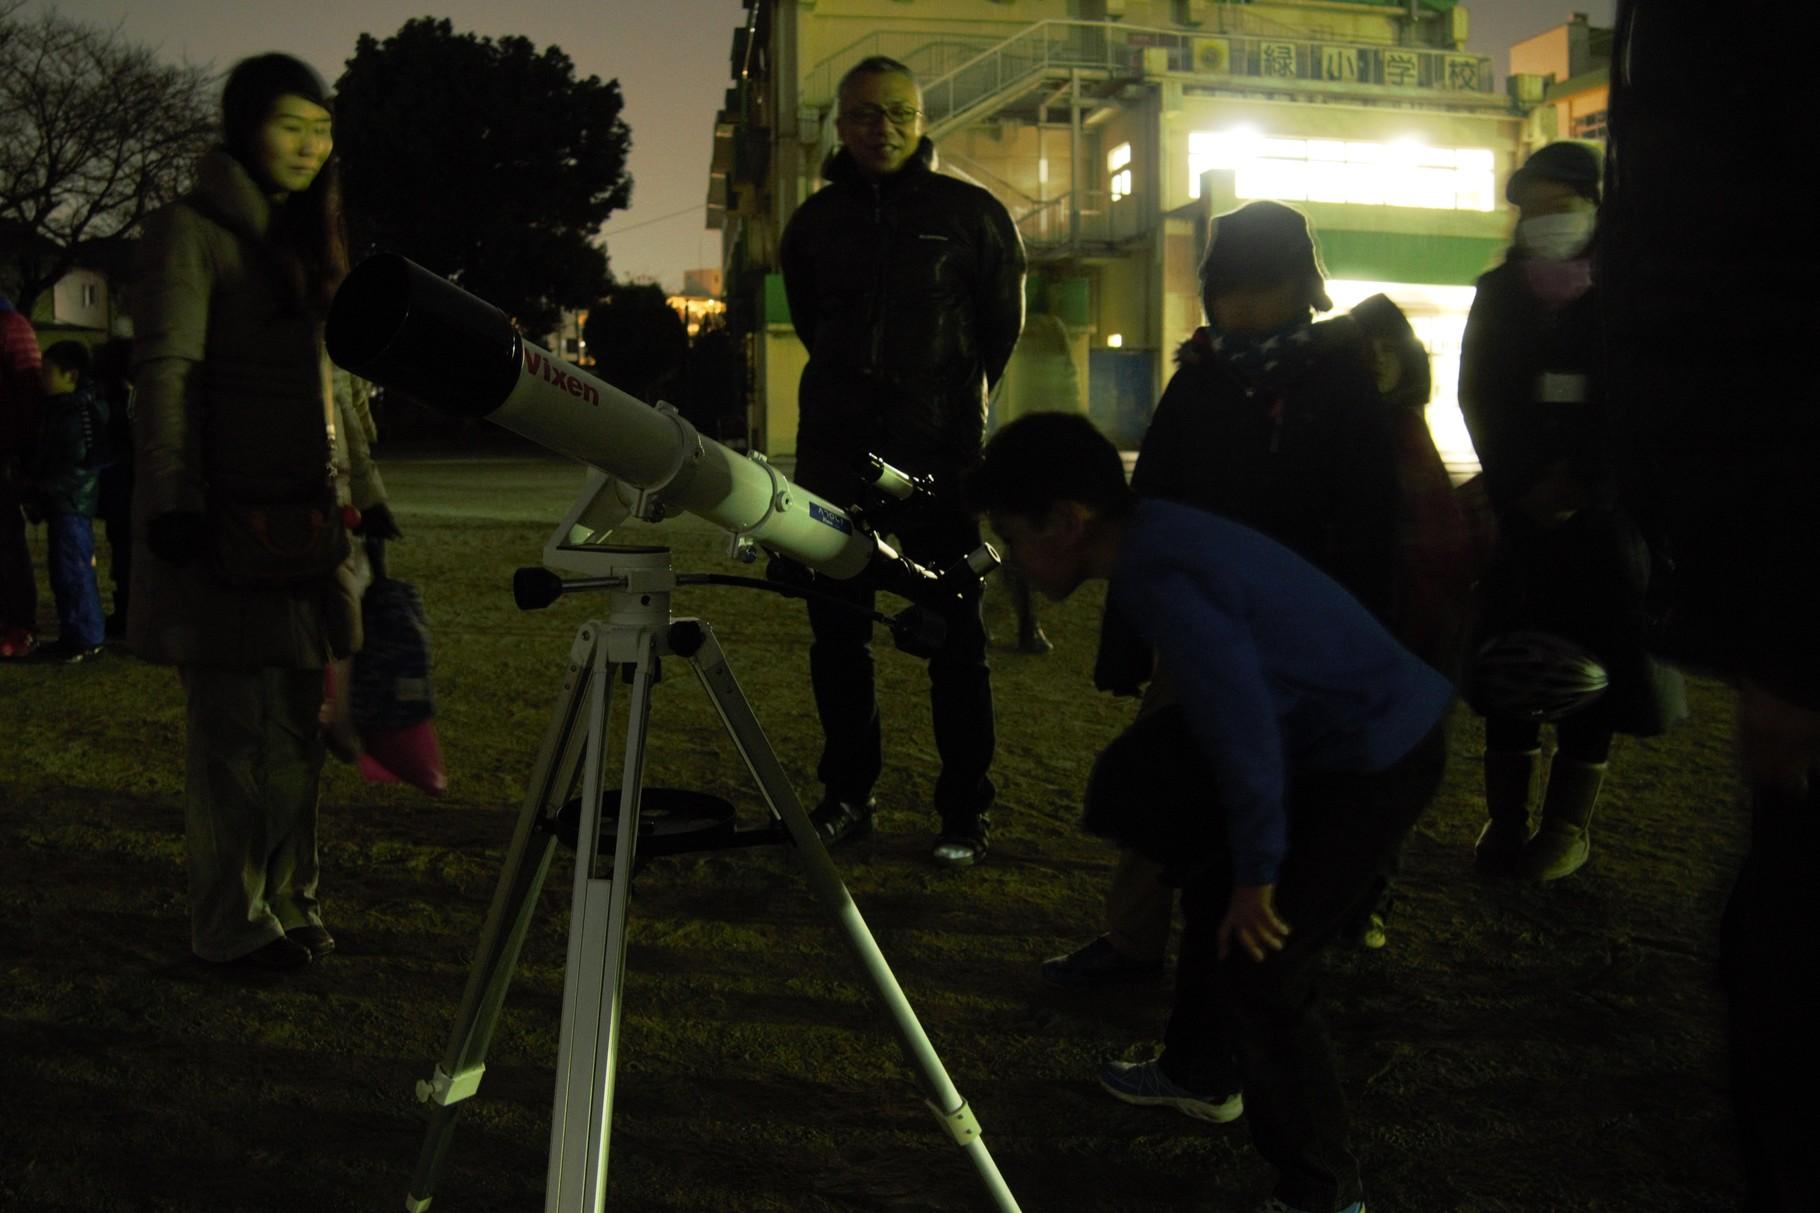 自身の望遠鏡を持ってこられた方もいました。